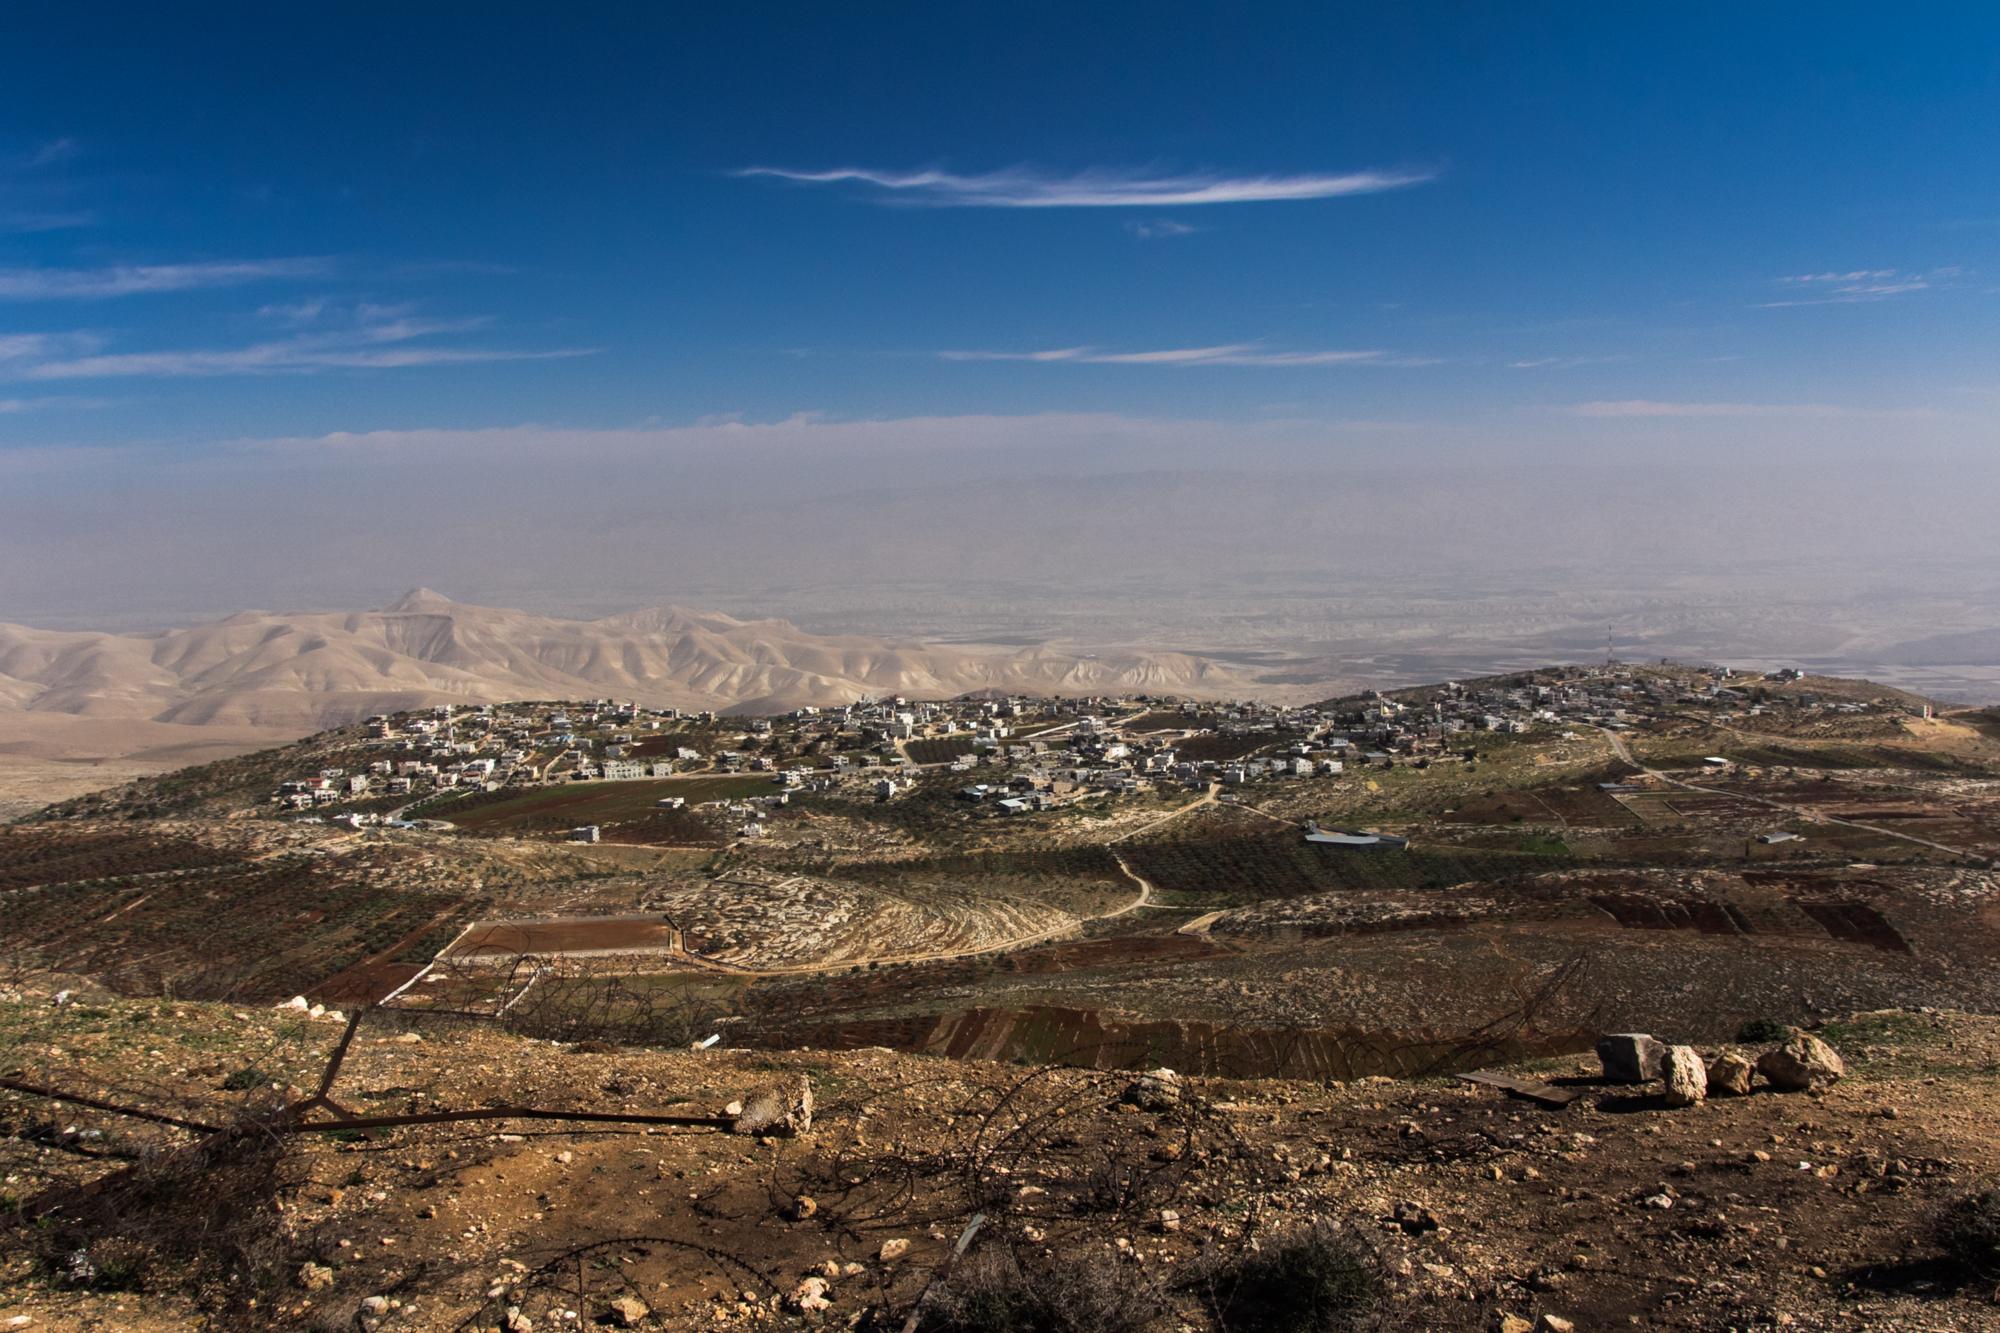 Le village de Douma,  - Crédit photo : Oren Rozen / Wikimedia Commons